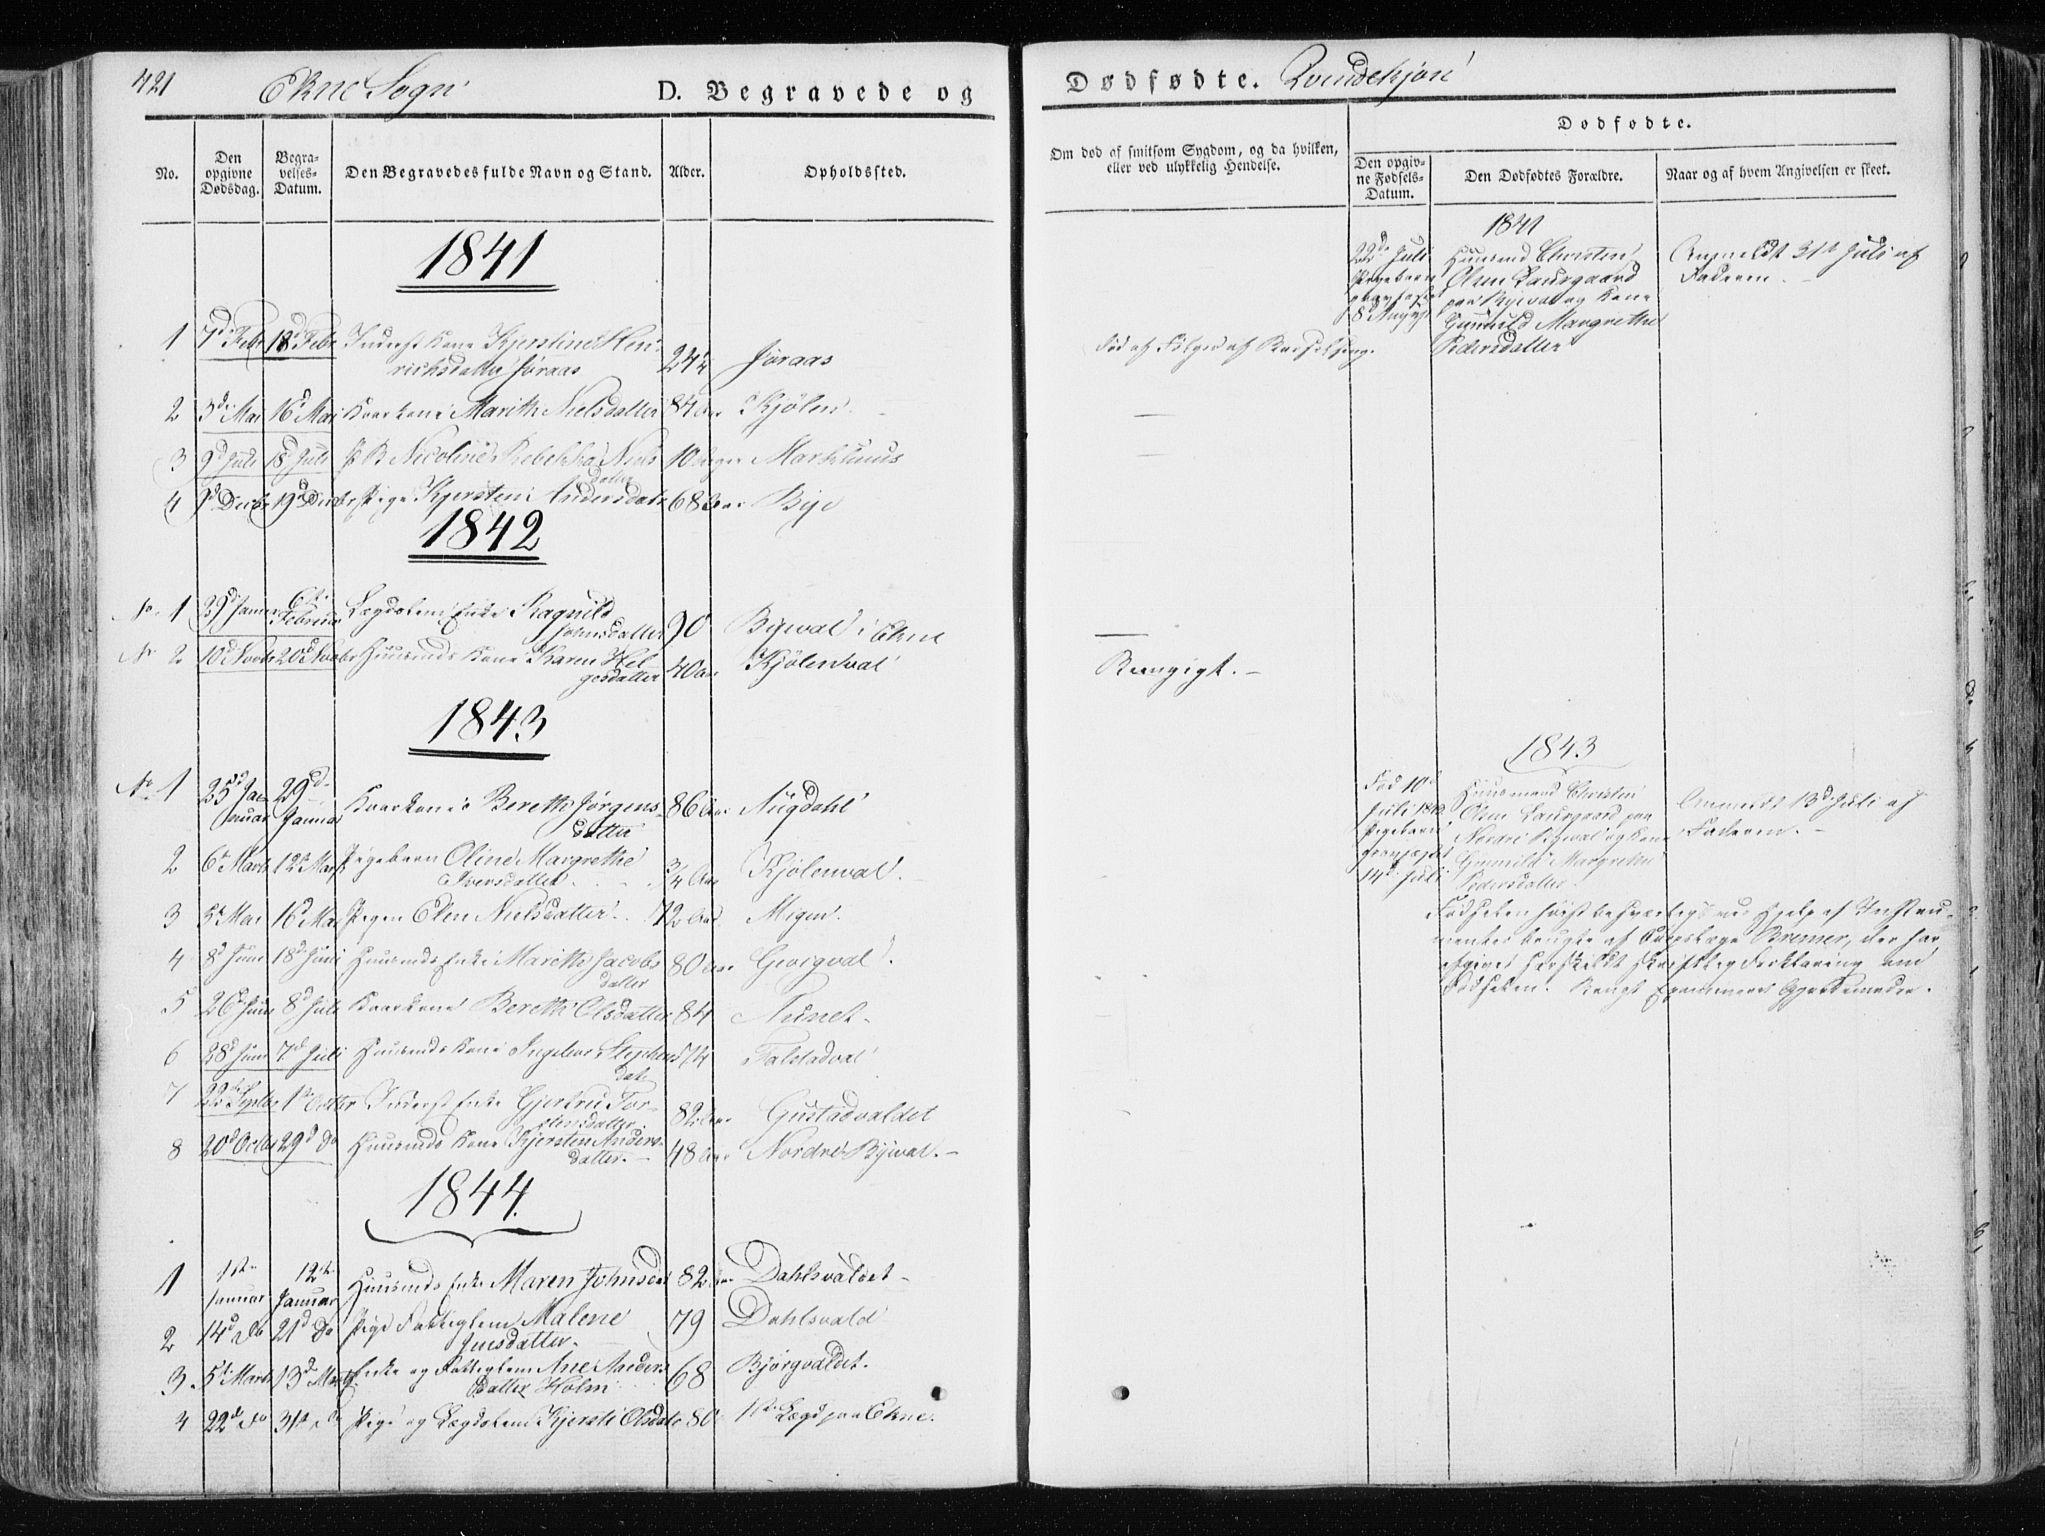 SAT, Ministerialprotokoller, klokkerbøker og fødselsregistre - Nord-Trøndelag, 717/L0154: Ministerialbok nr. 717A06 /2, 1836-1849, s. 421